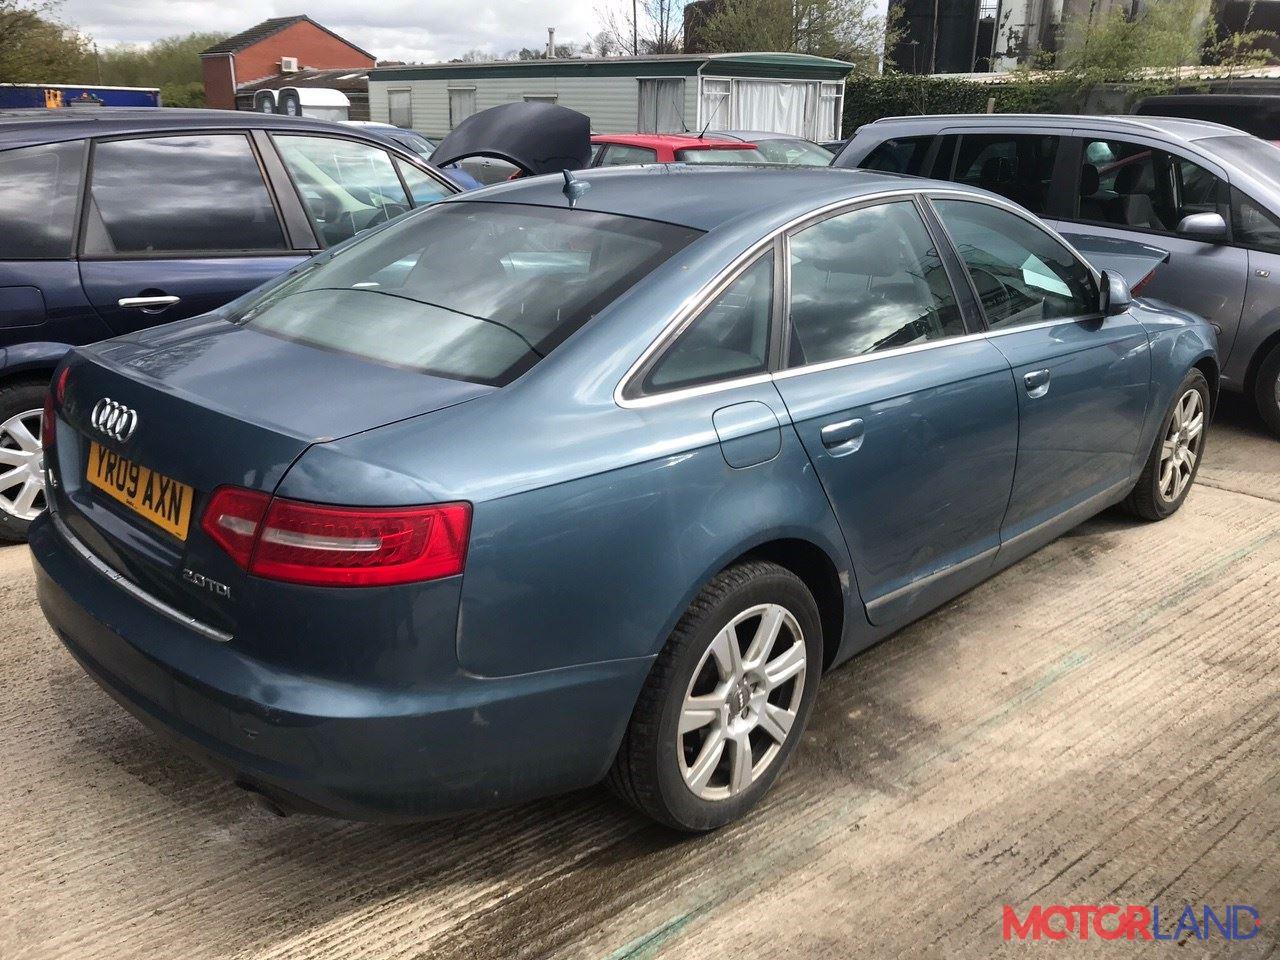 Audi A6 (C6) 2005-2011, разборочный номер T21372 #3